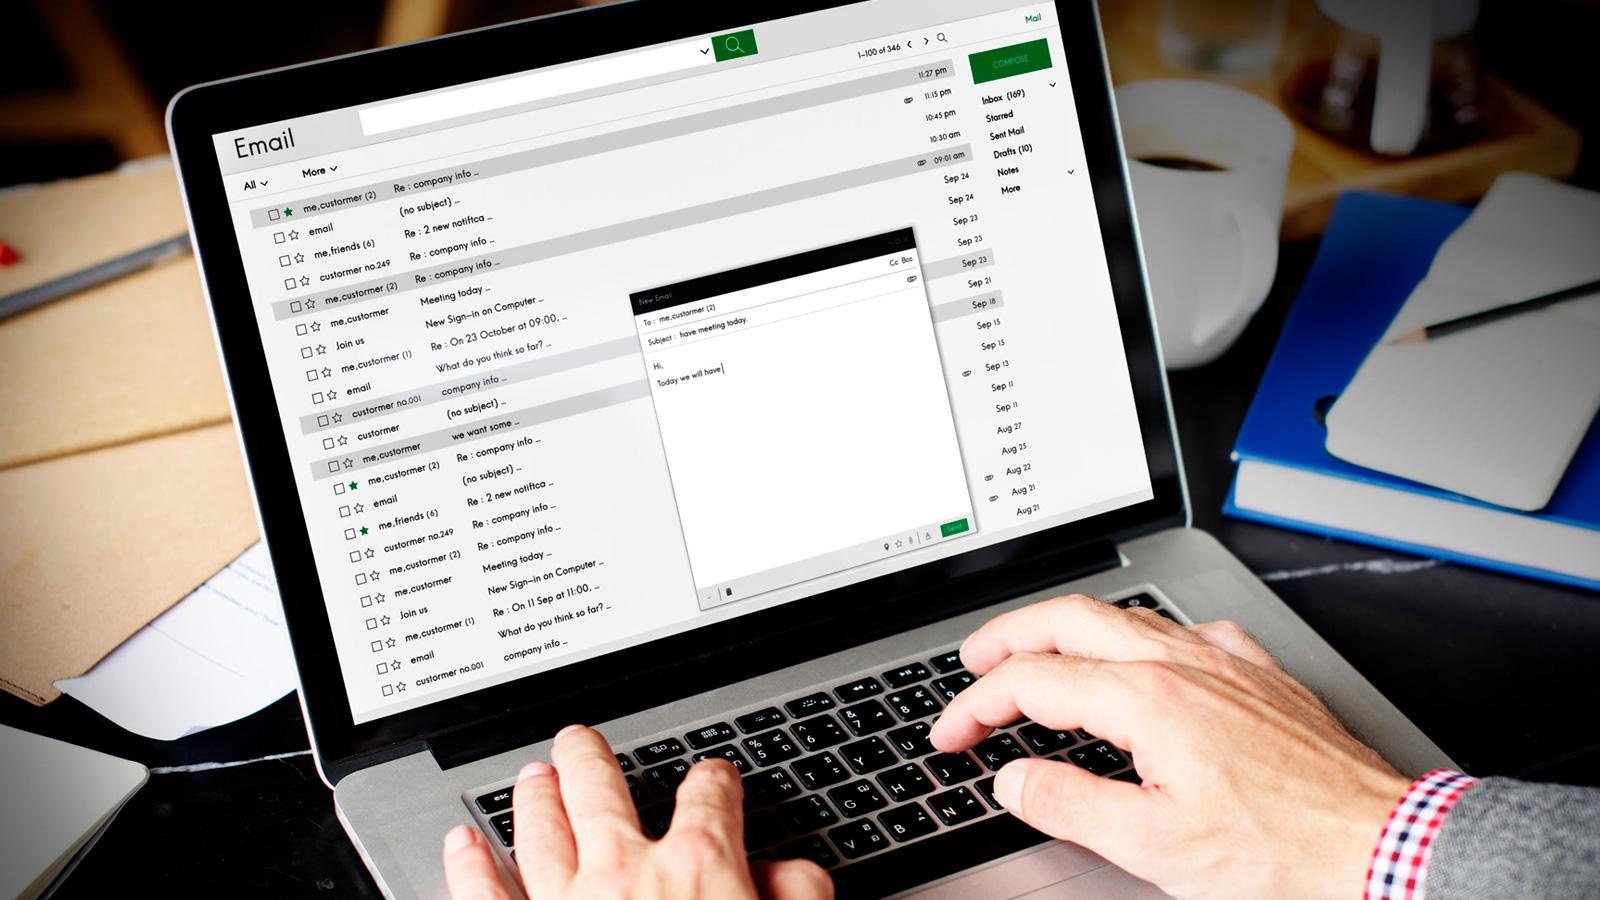 Ejemplos de correos electrónicos para enviar el currículum a las empresas